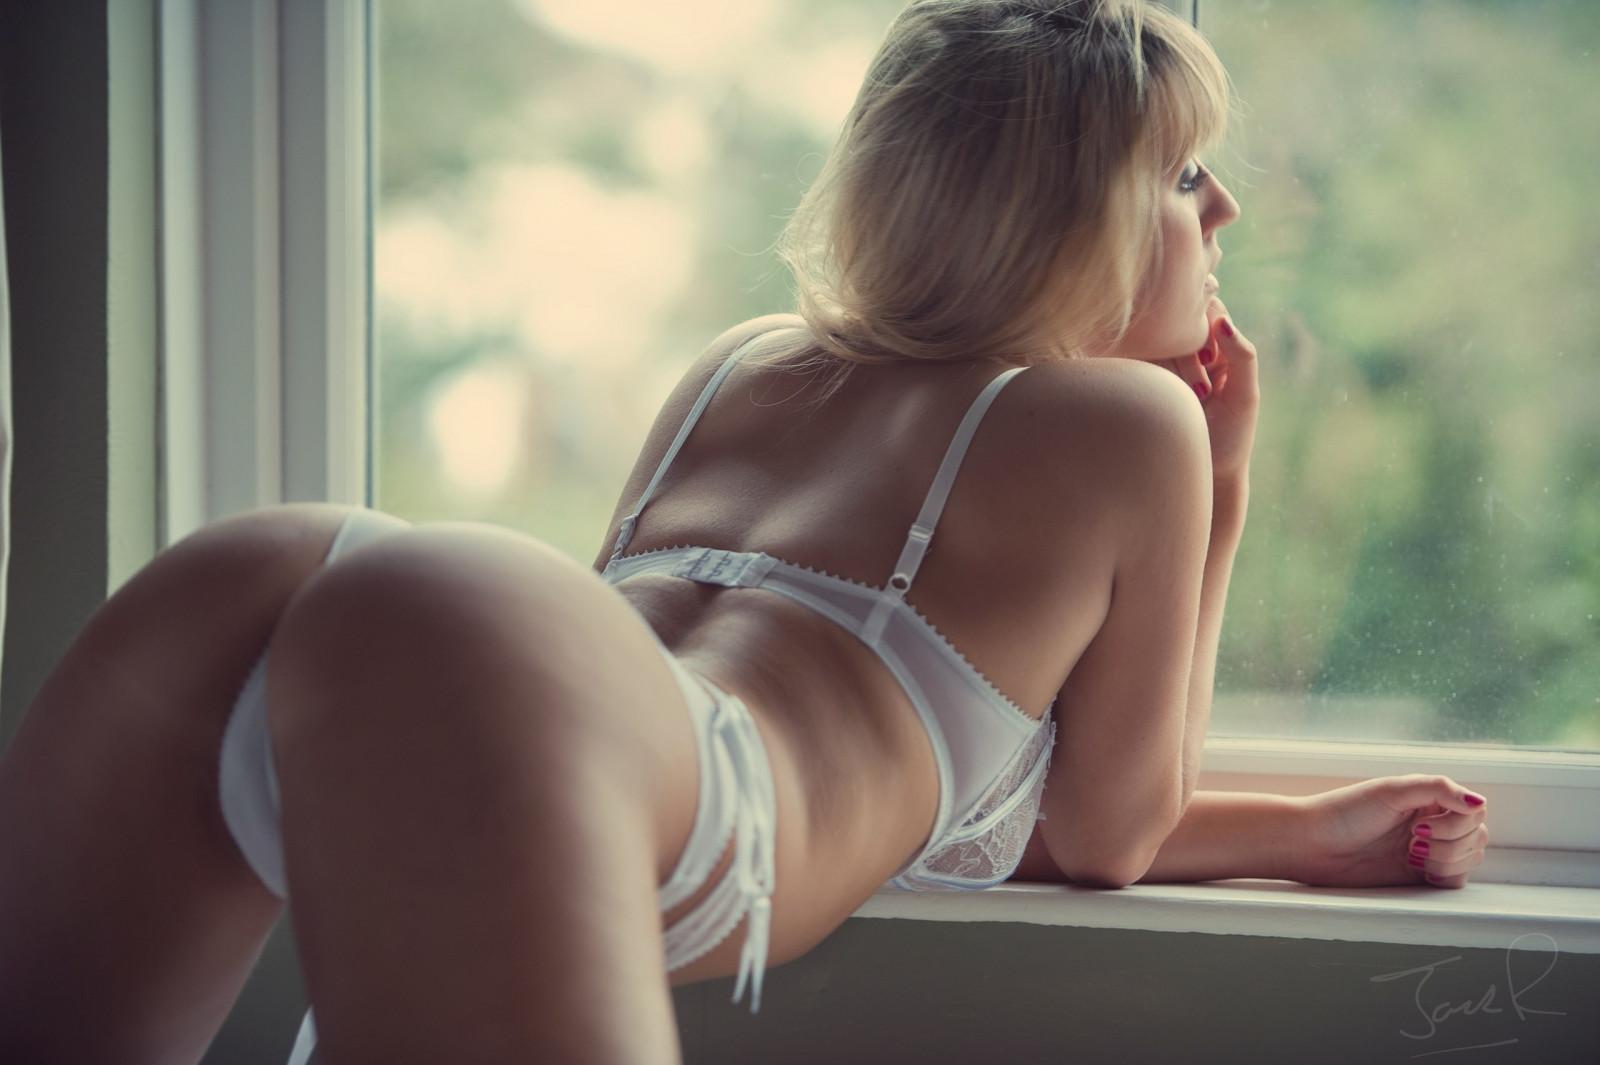 Трусики на самых красивых девушках, самые большие пенисы в порно